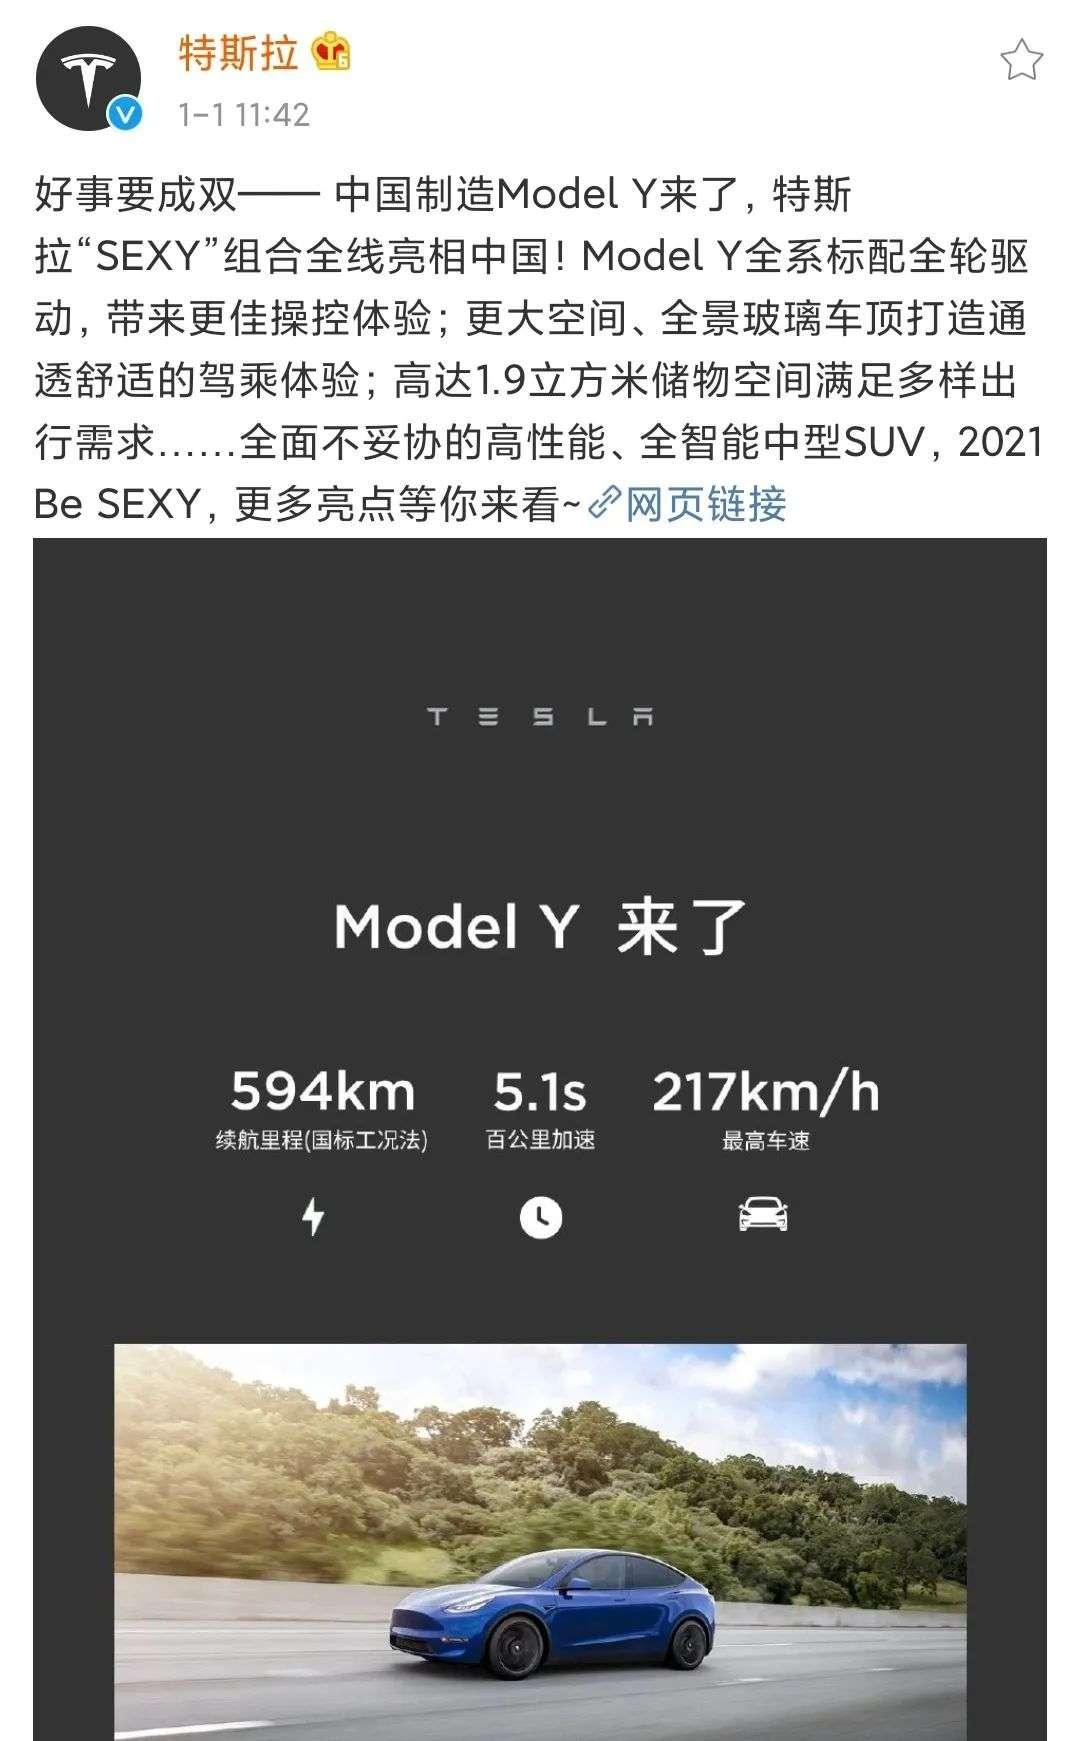 国产Model Y发售,图源特斯拉官微